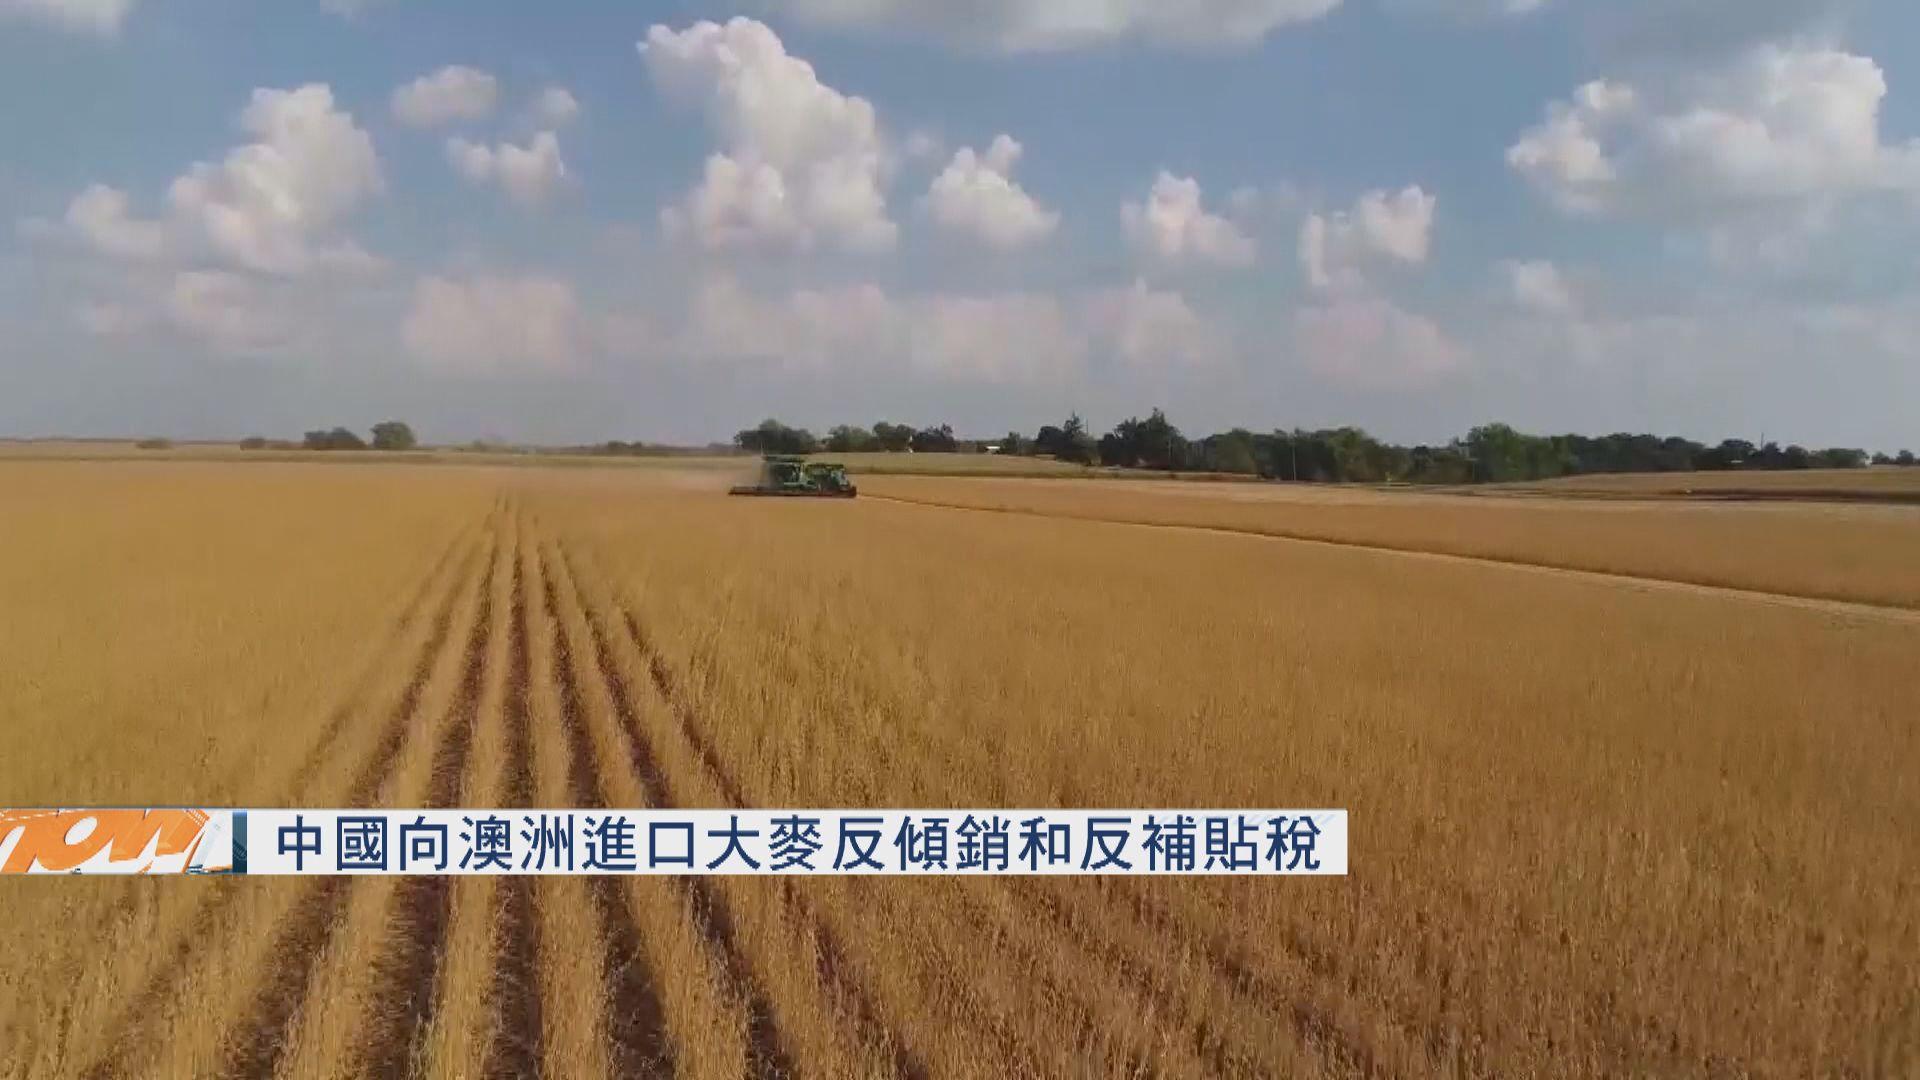 中國向澳洲進口大麥徴反傾銷和反補貼稅